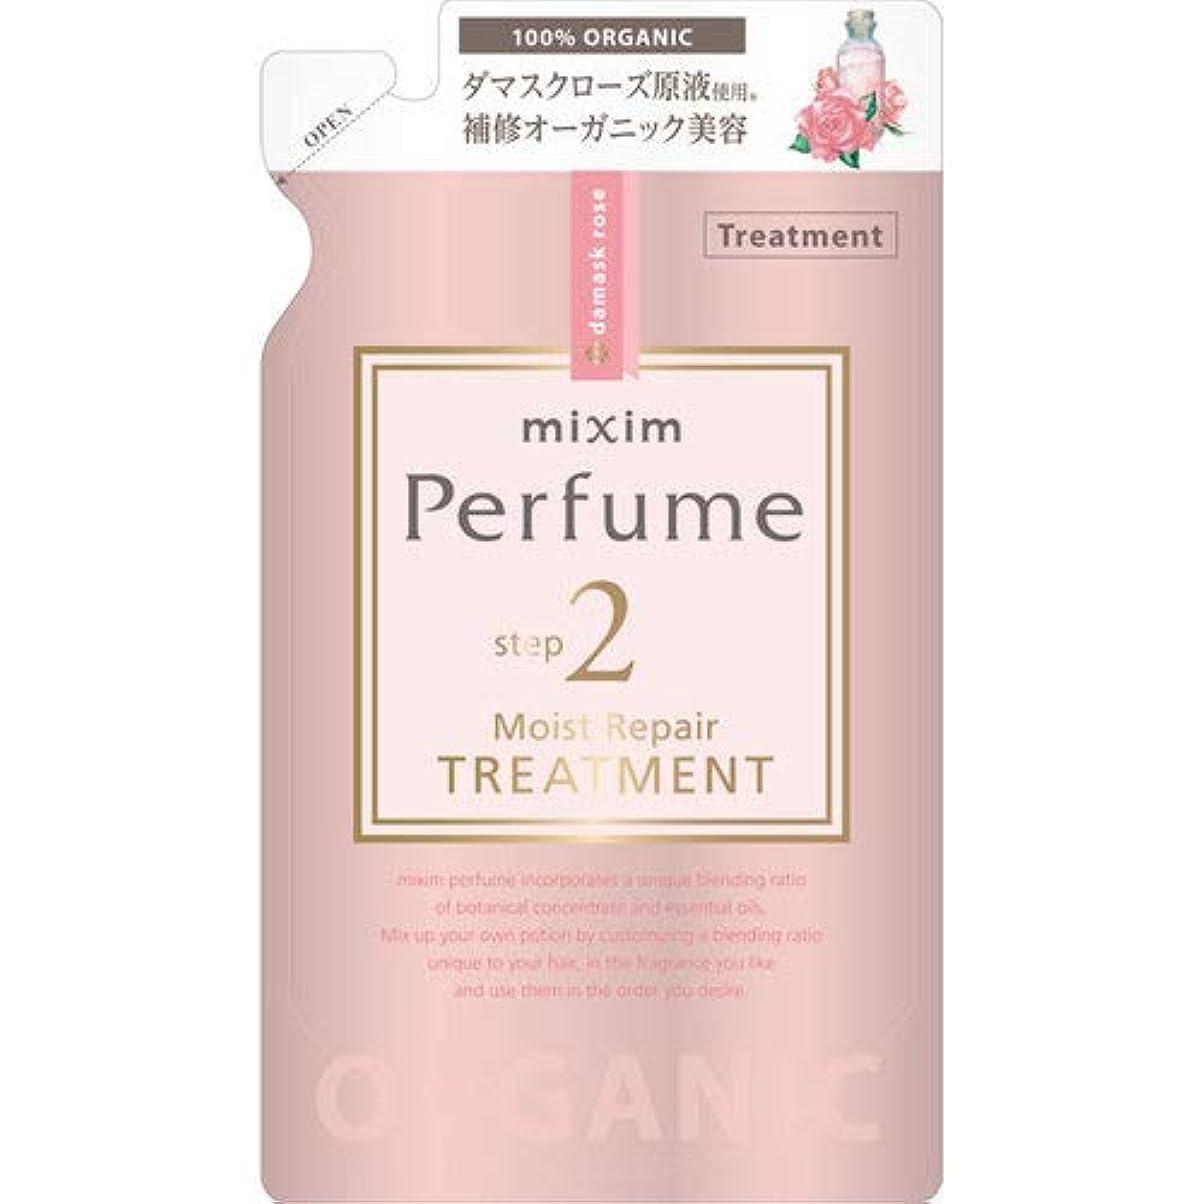 優雅な極めてルネッサンスmixim Perfume(ミクシムパフューム) モイストリペア ヘアトリートメントつめかえ用 350g